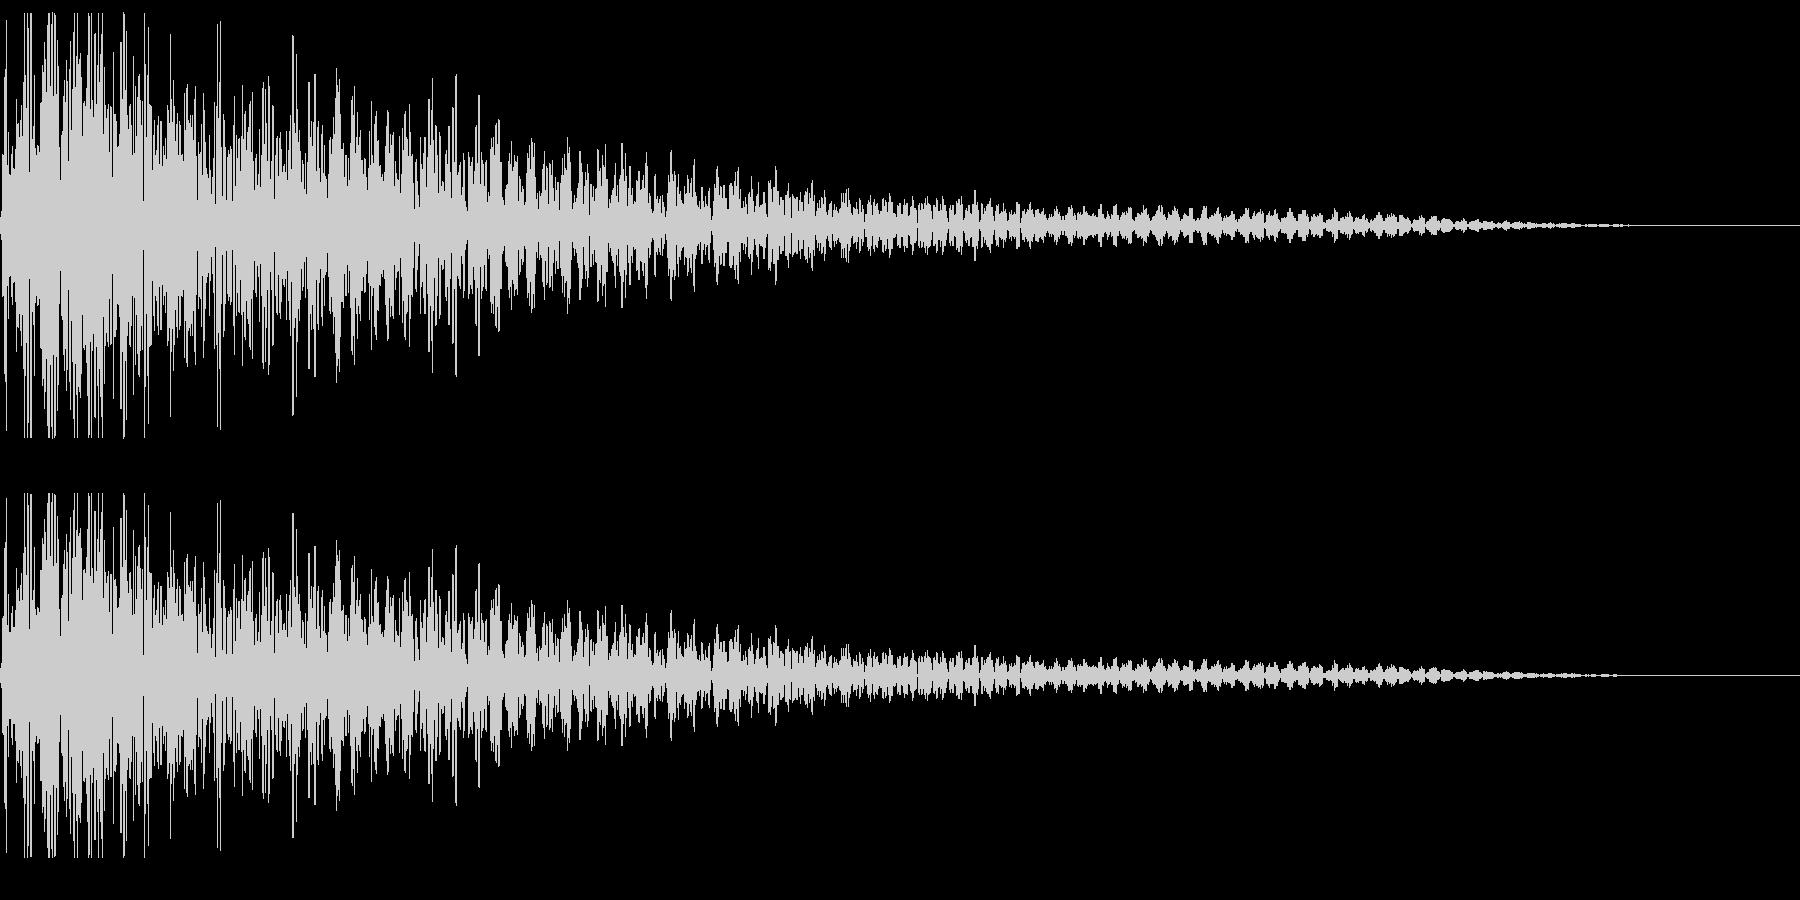 ぼよよん ボヨヨン 揺れる音の未再生の波形